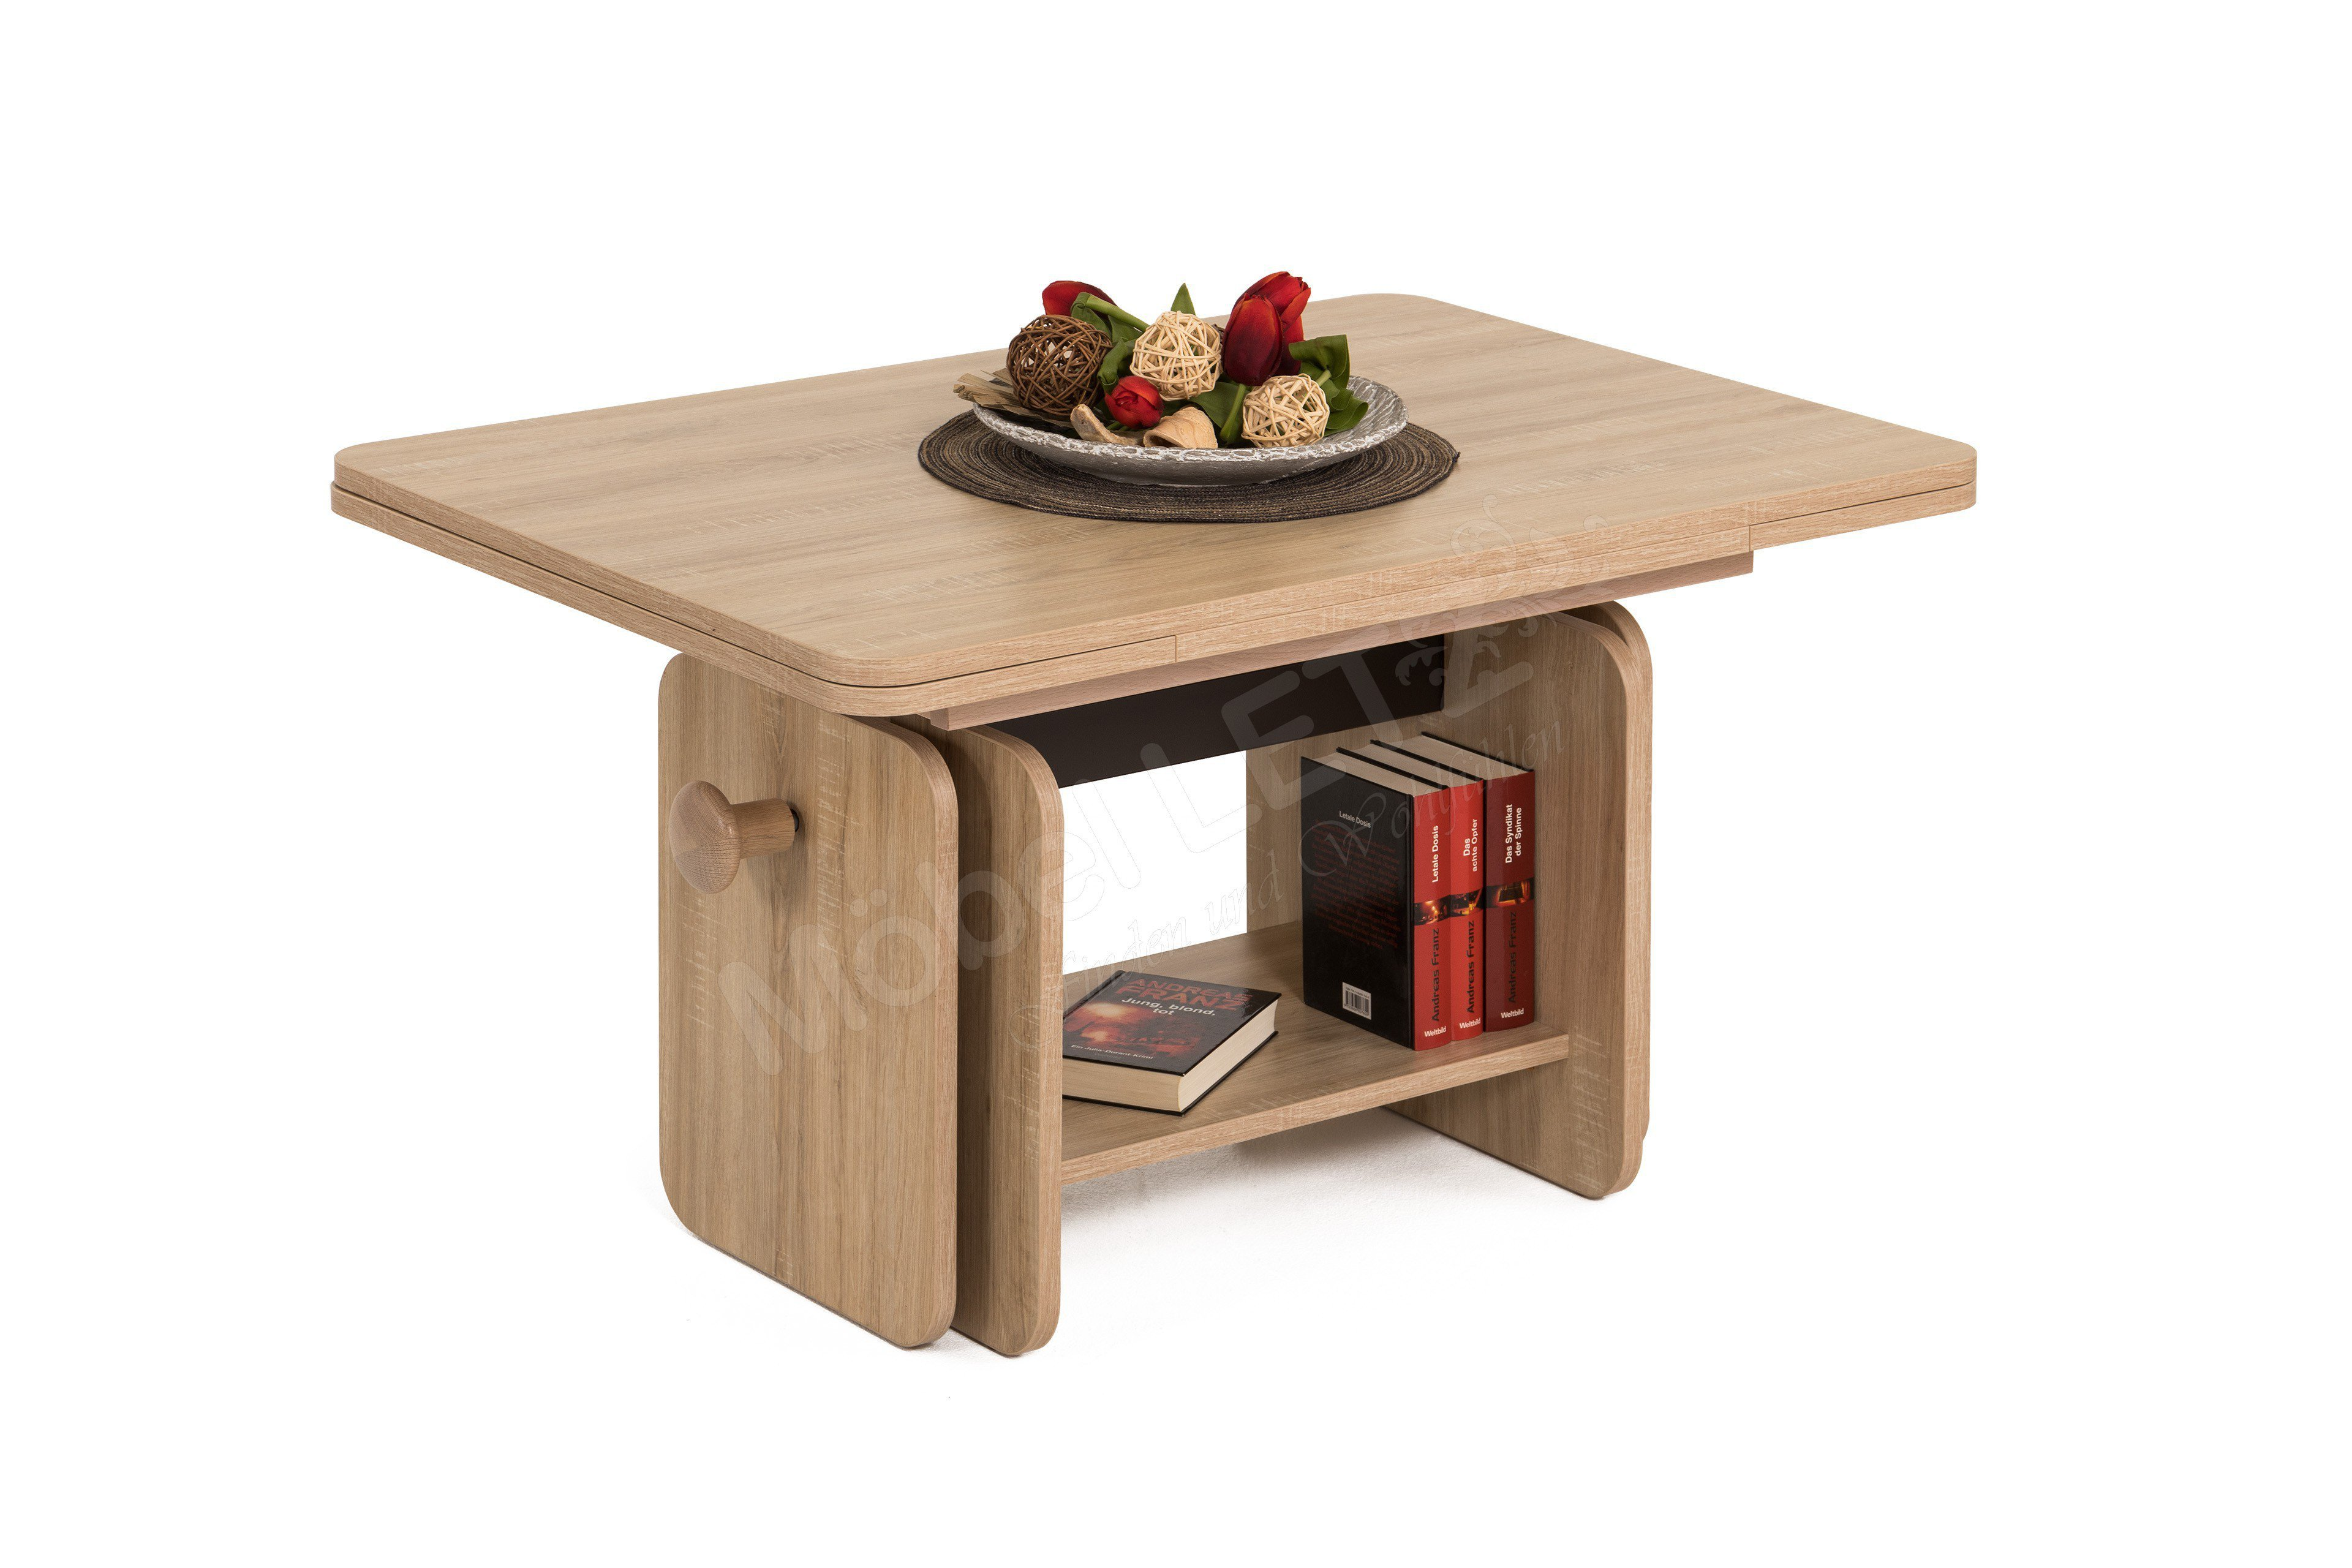 hasse couchtisch 1022h eiche sonoma m bel letz ihr online shop. Black Bedroom Furniture Sets. Home Design Ideas